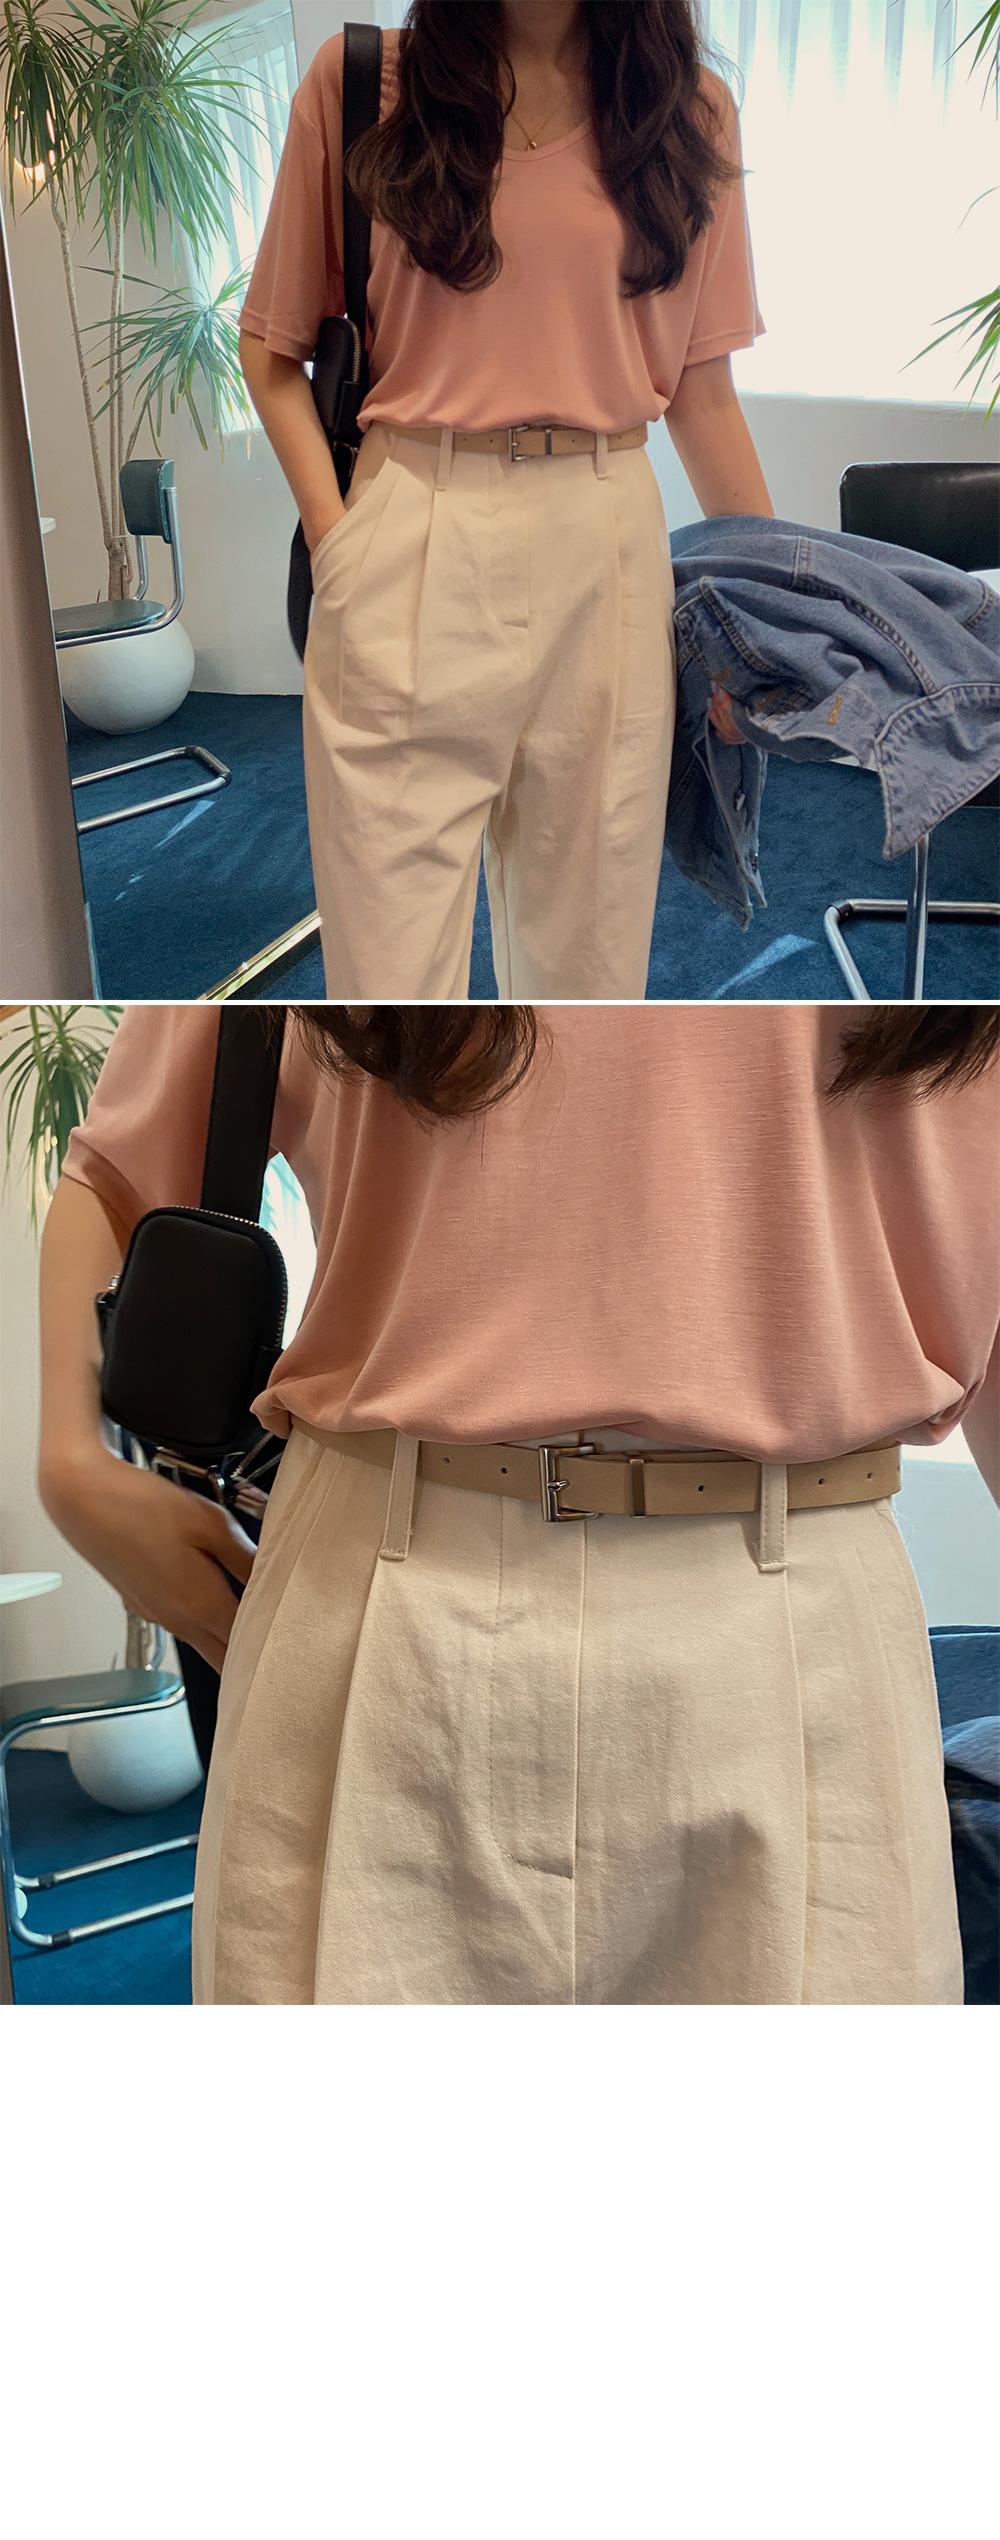 V rayon t-shirt